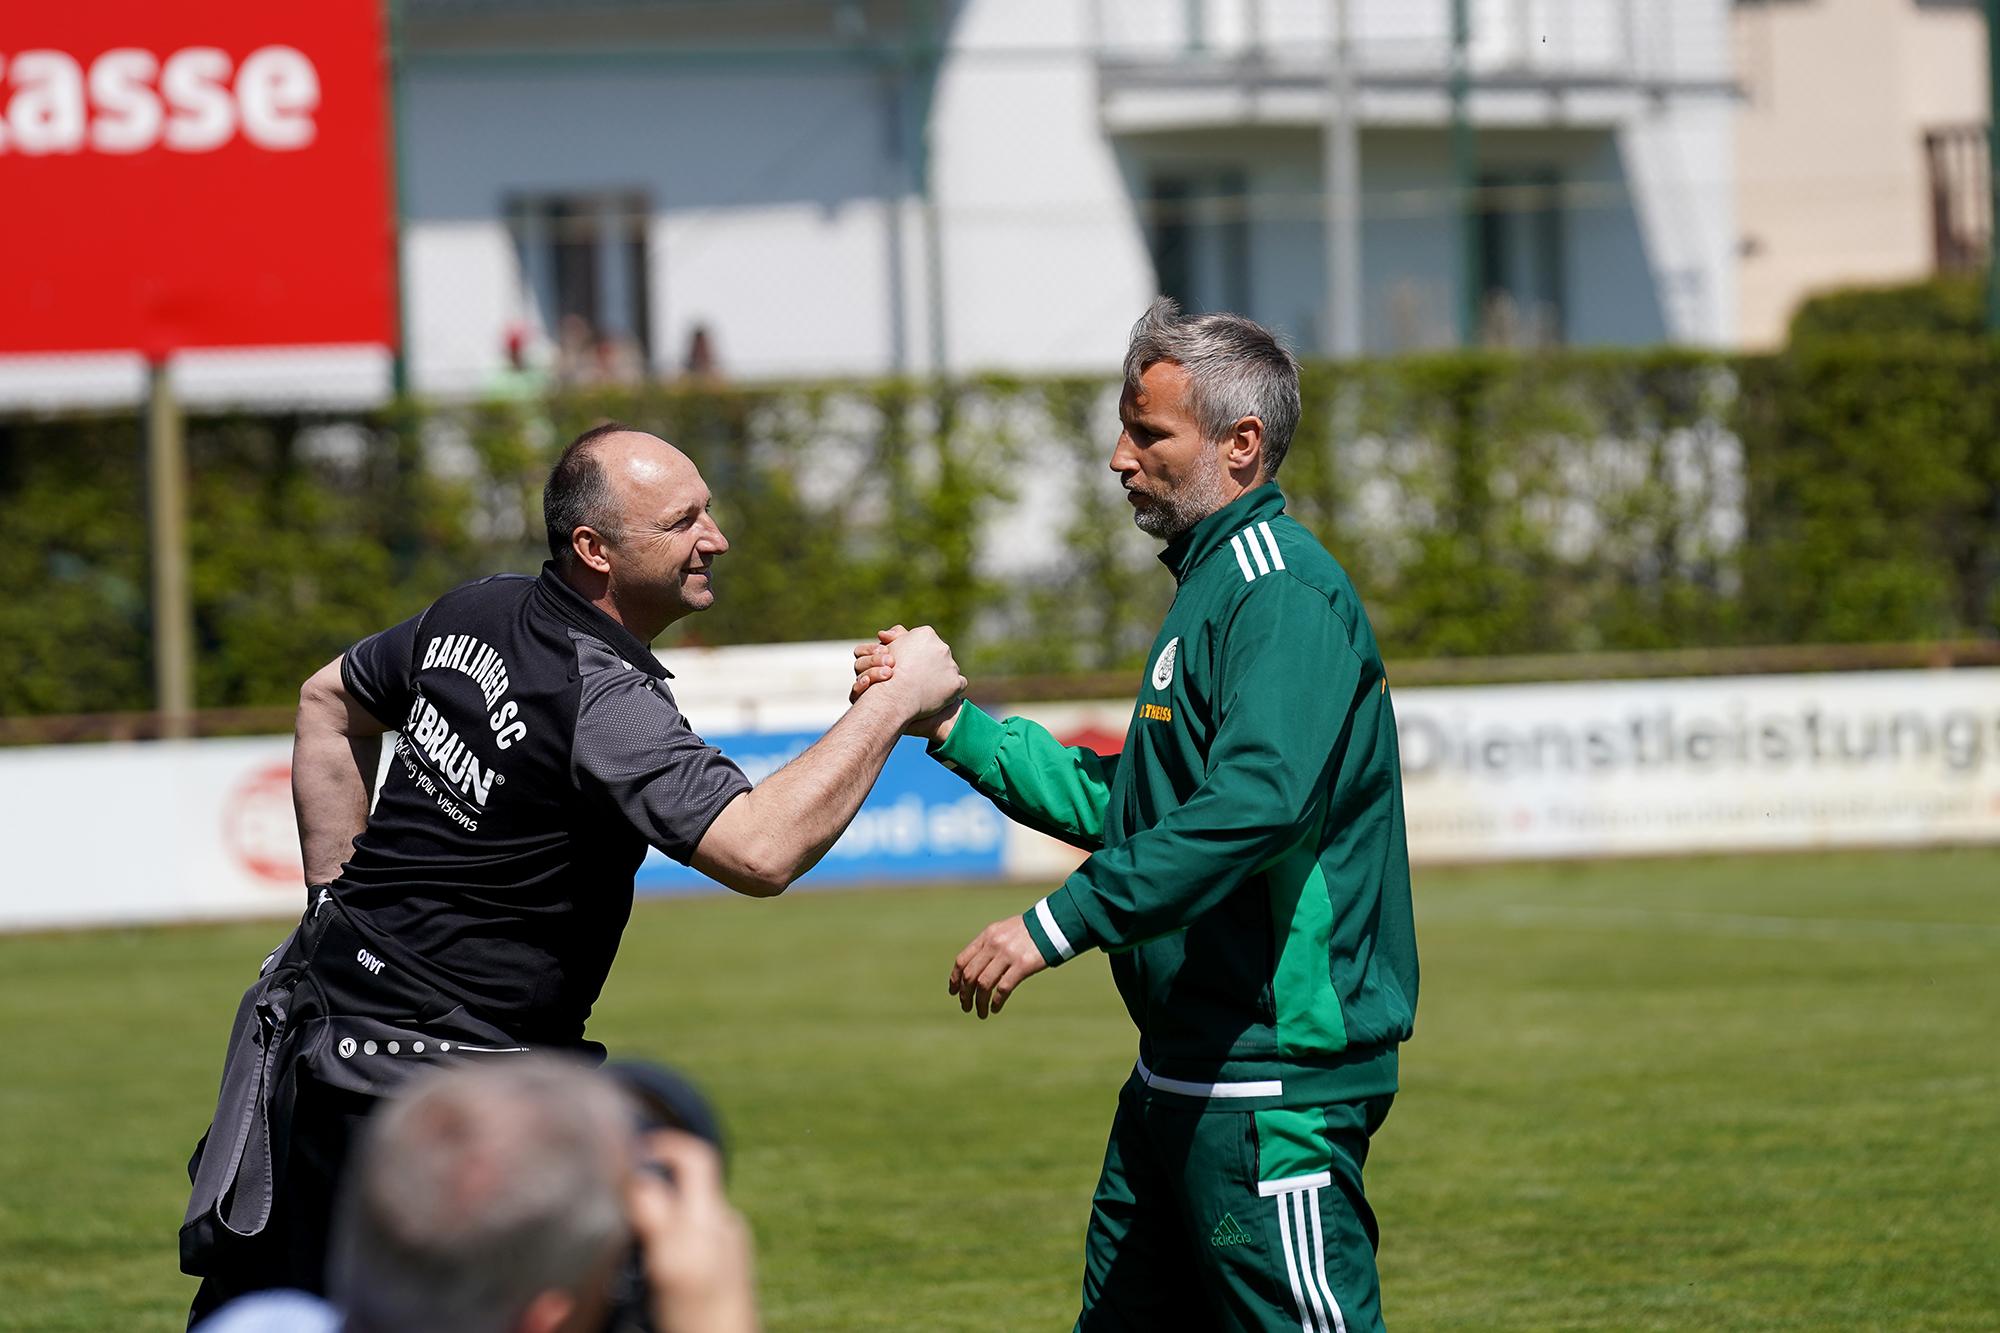 24.04.2021   Saison 2020/21   FC 08 Homburg   Bahlinger SC